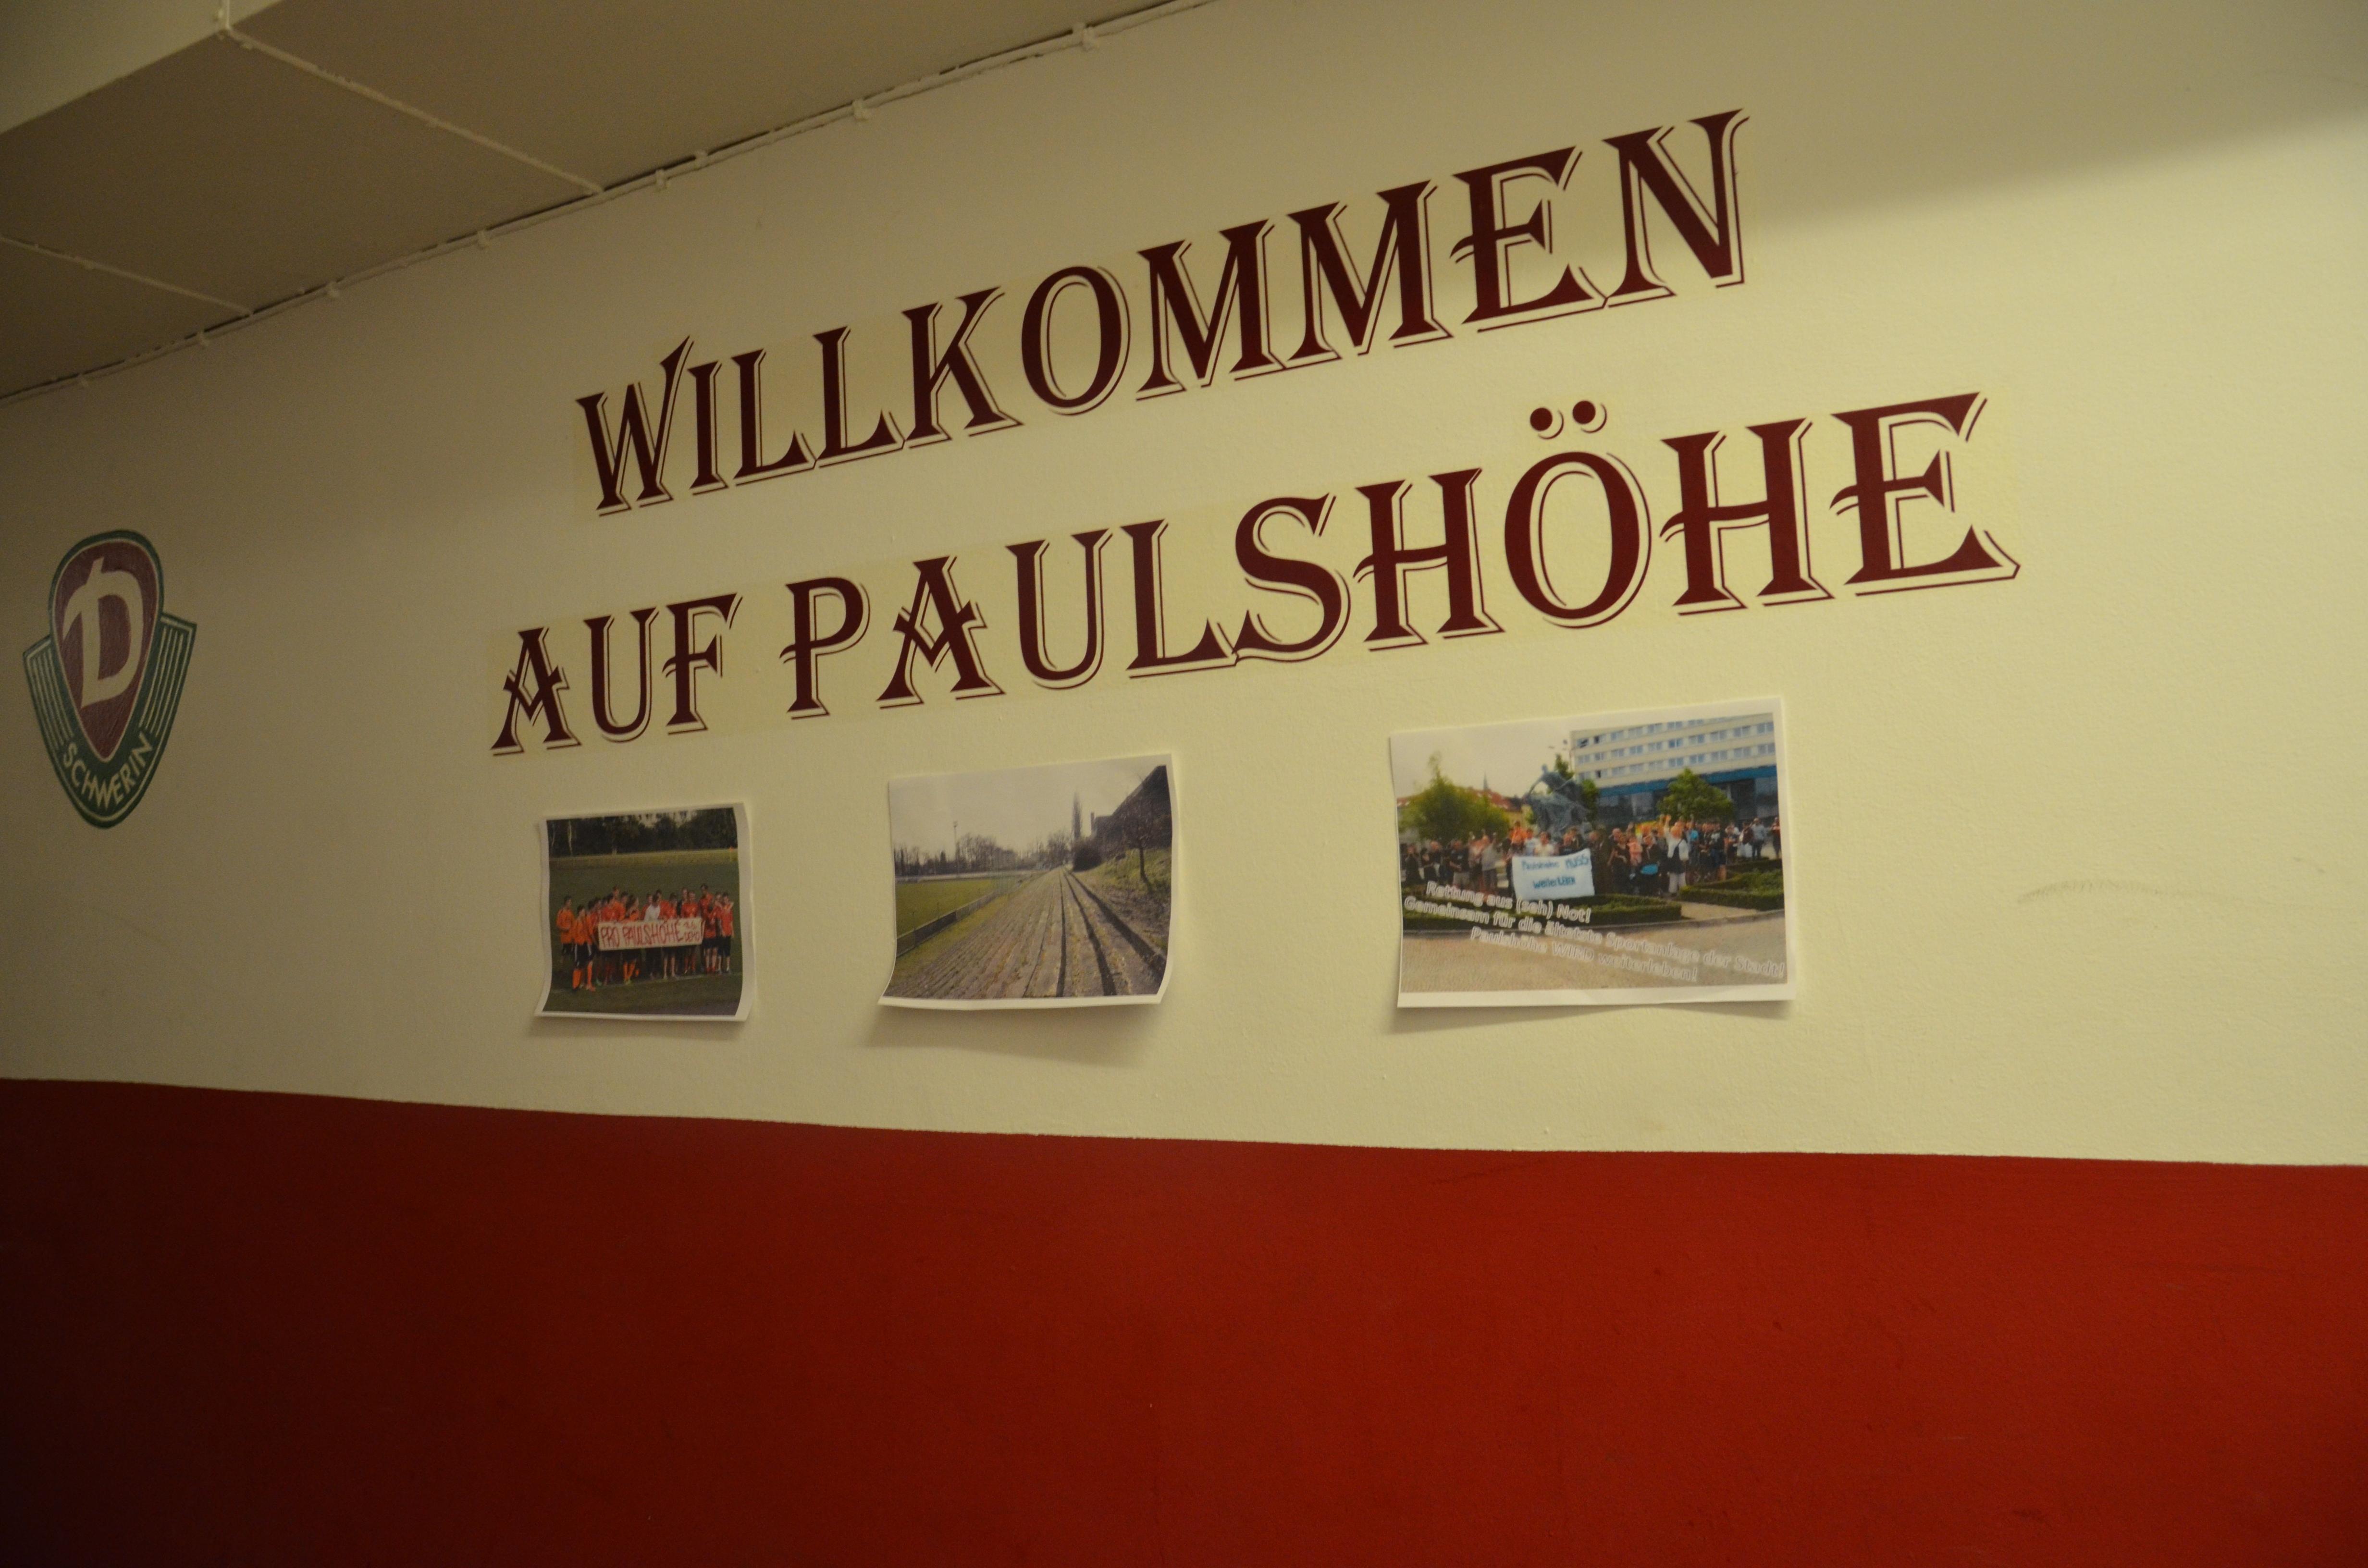 Formfehler beim Paulshöhe Antrag auf der vergangenen Stadtvertretung?